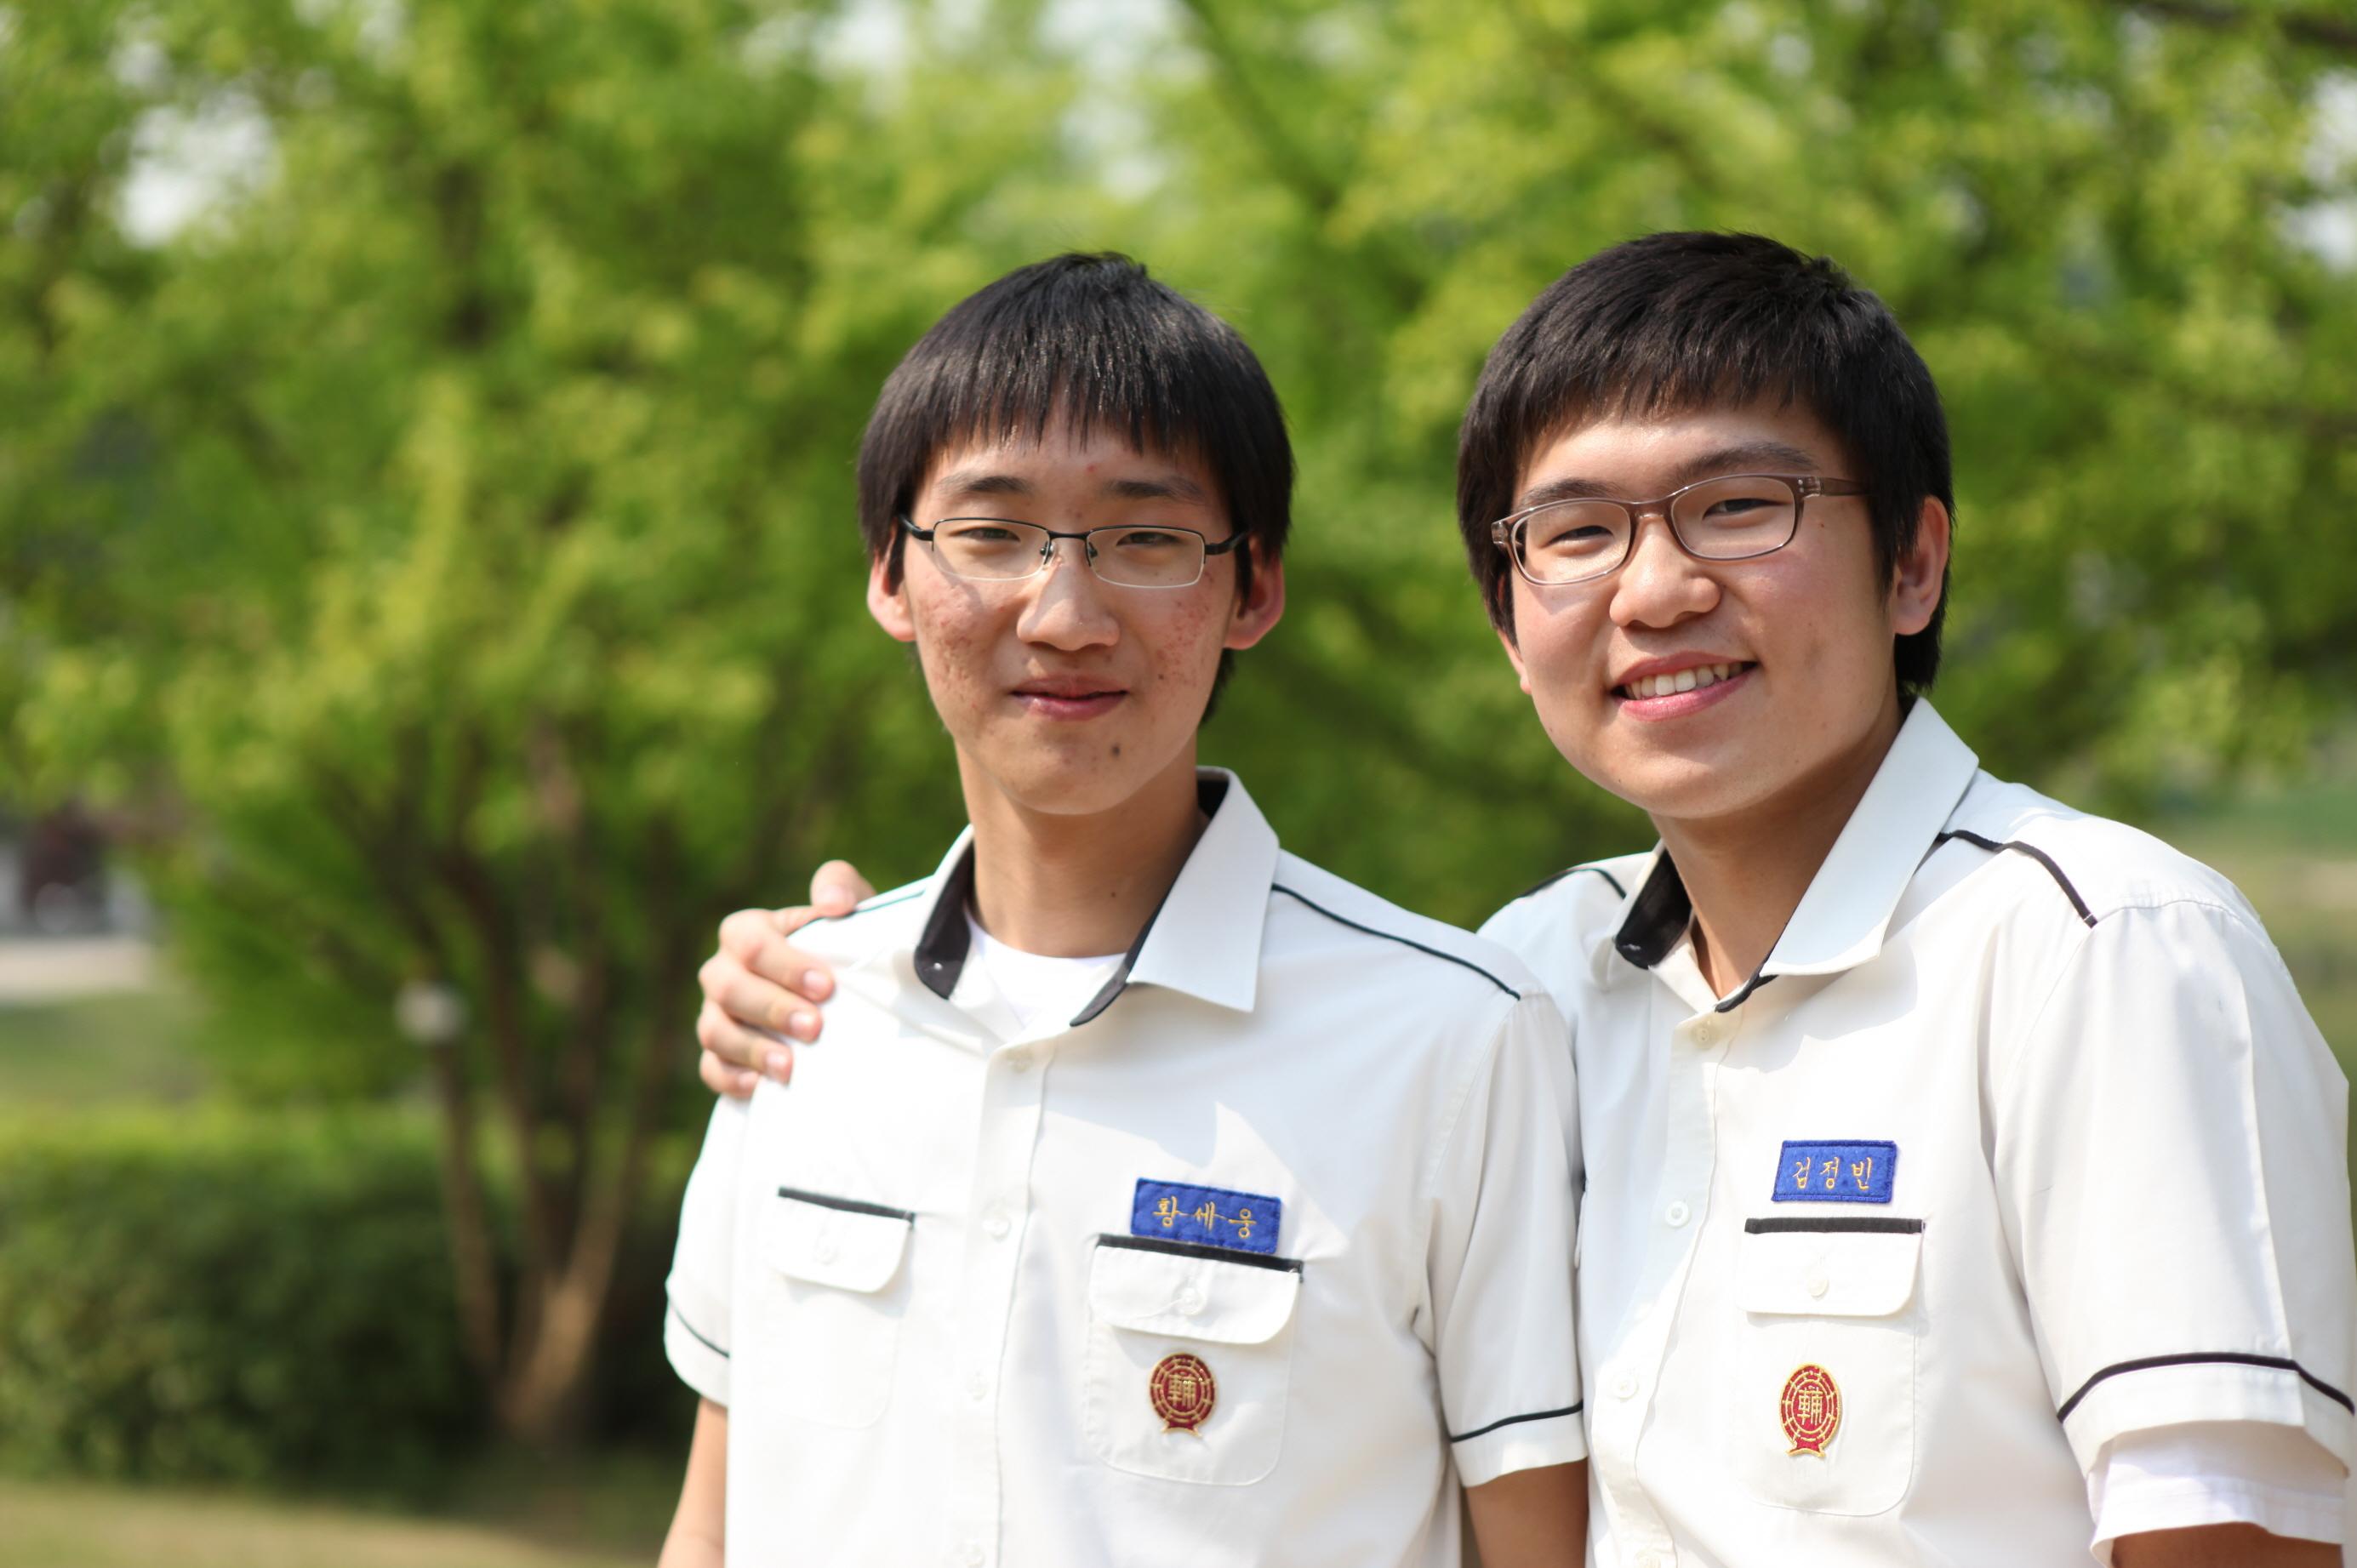 2009/05/08 3학년 졸업앨범촬영 - 5 첨부이미지